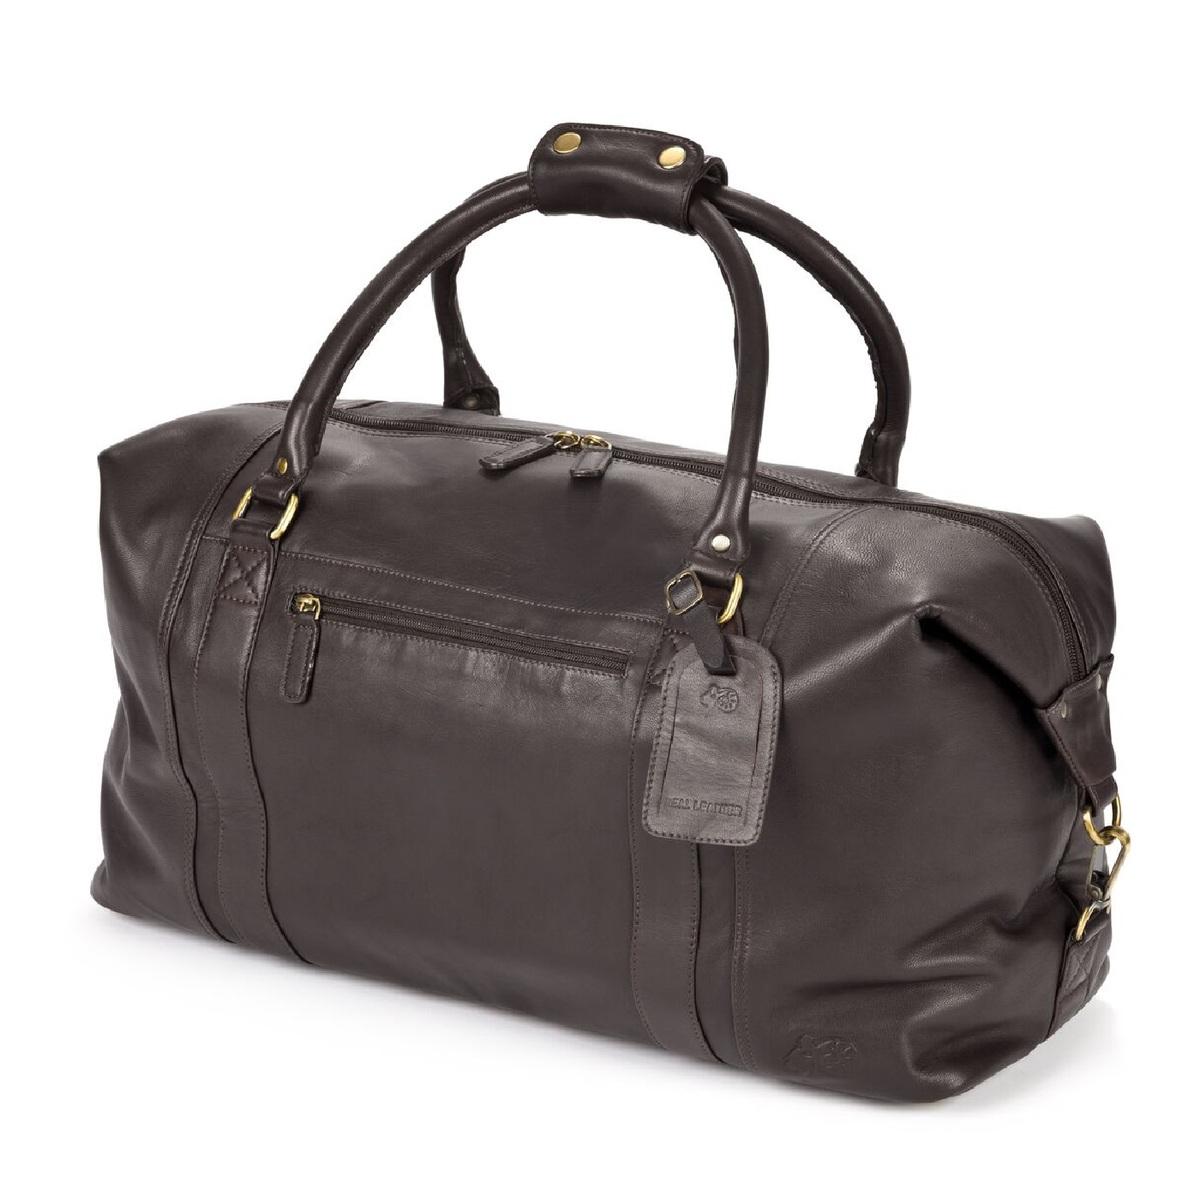 (イースタン・カウンティーズ・レザー) Eastern Counties Leather ラージ ホールドオールバッグ 旅行かばん 【海外直送】